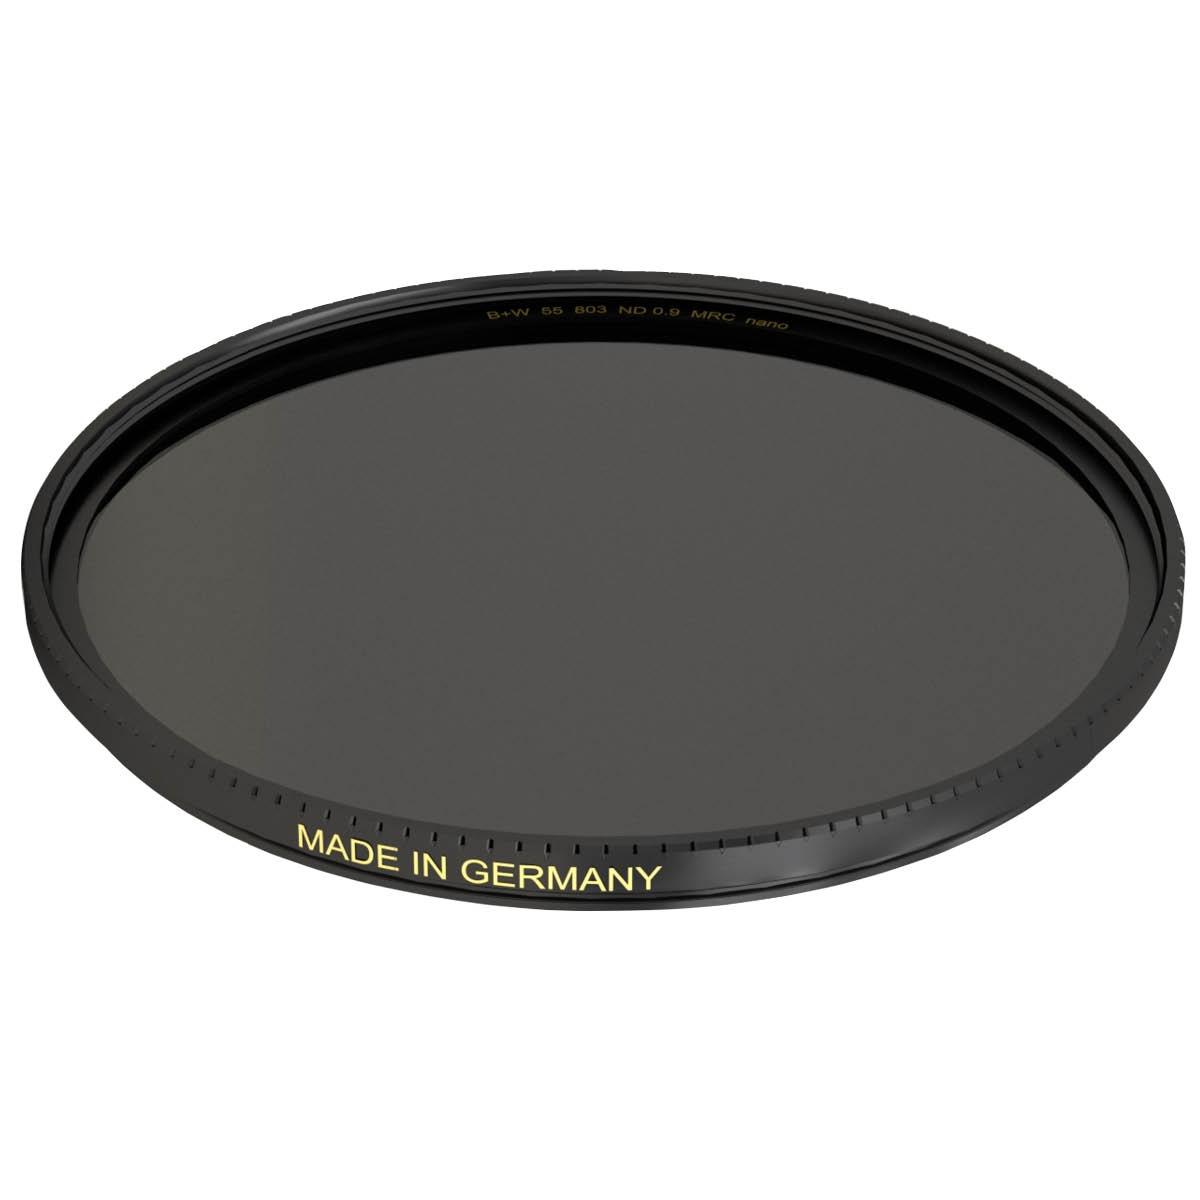 B+W Graufilter 82 mm XS-Pro +3